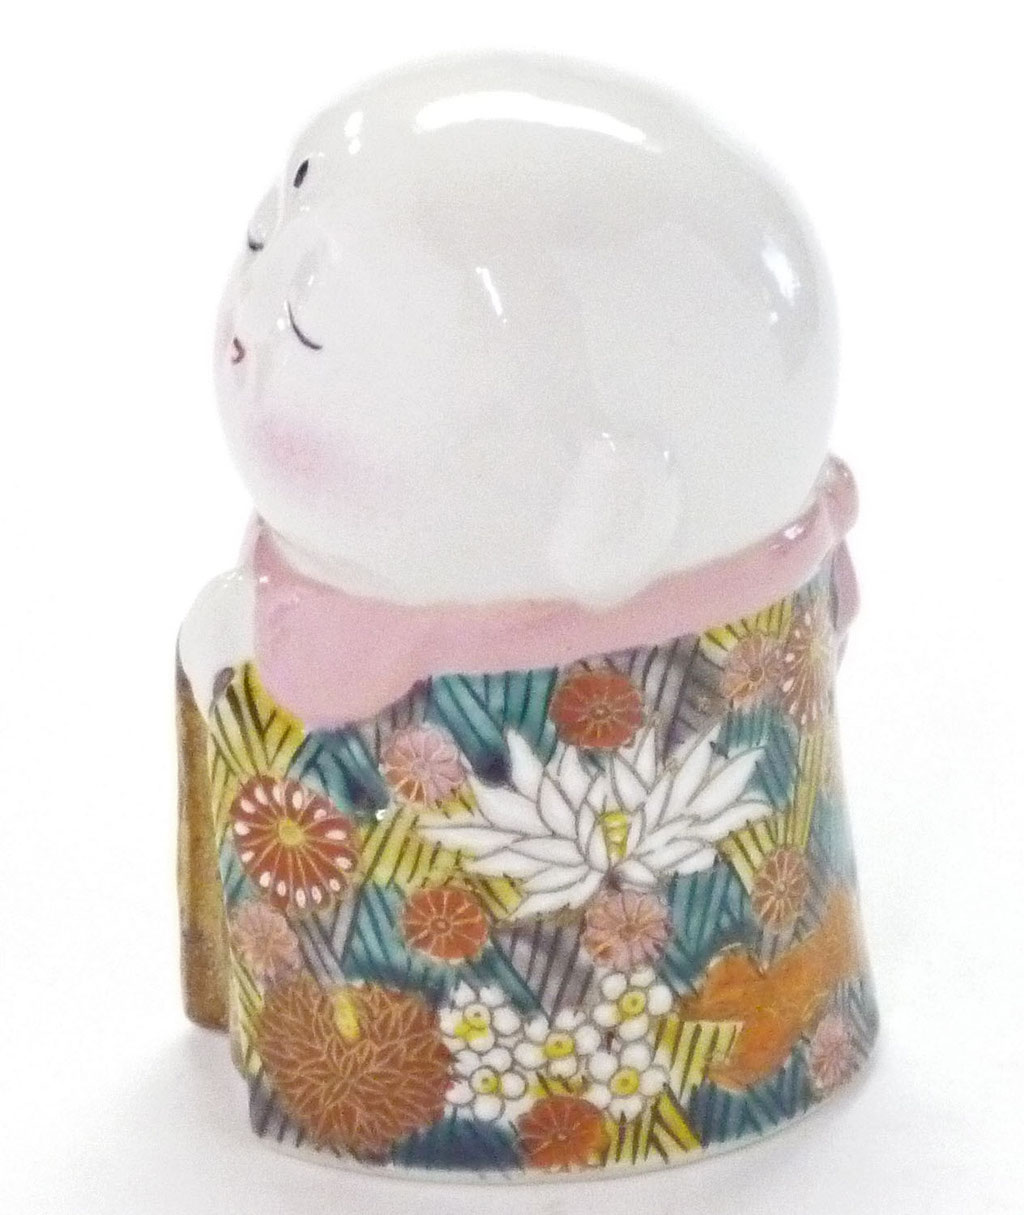 九谷焼【お地蔵】加賀のお殿様・お姫様キブン(金花詰)3.5号